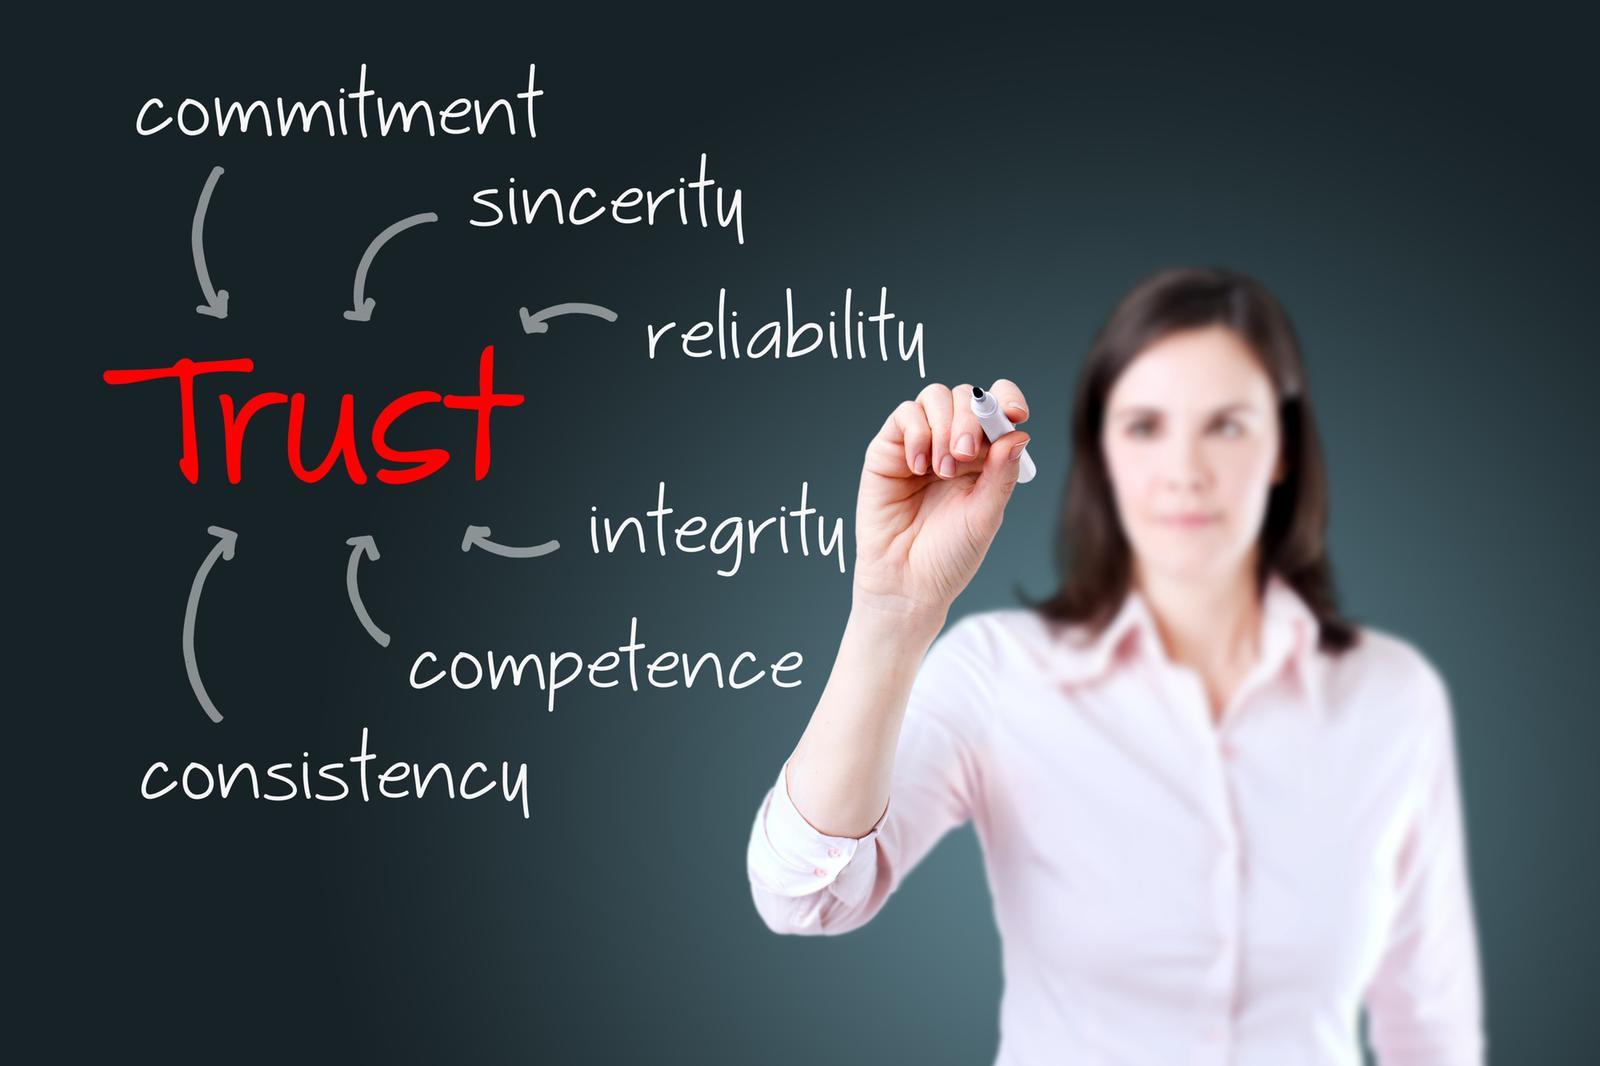 Как заслужить доверие клиентов, если продаж еще нет